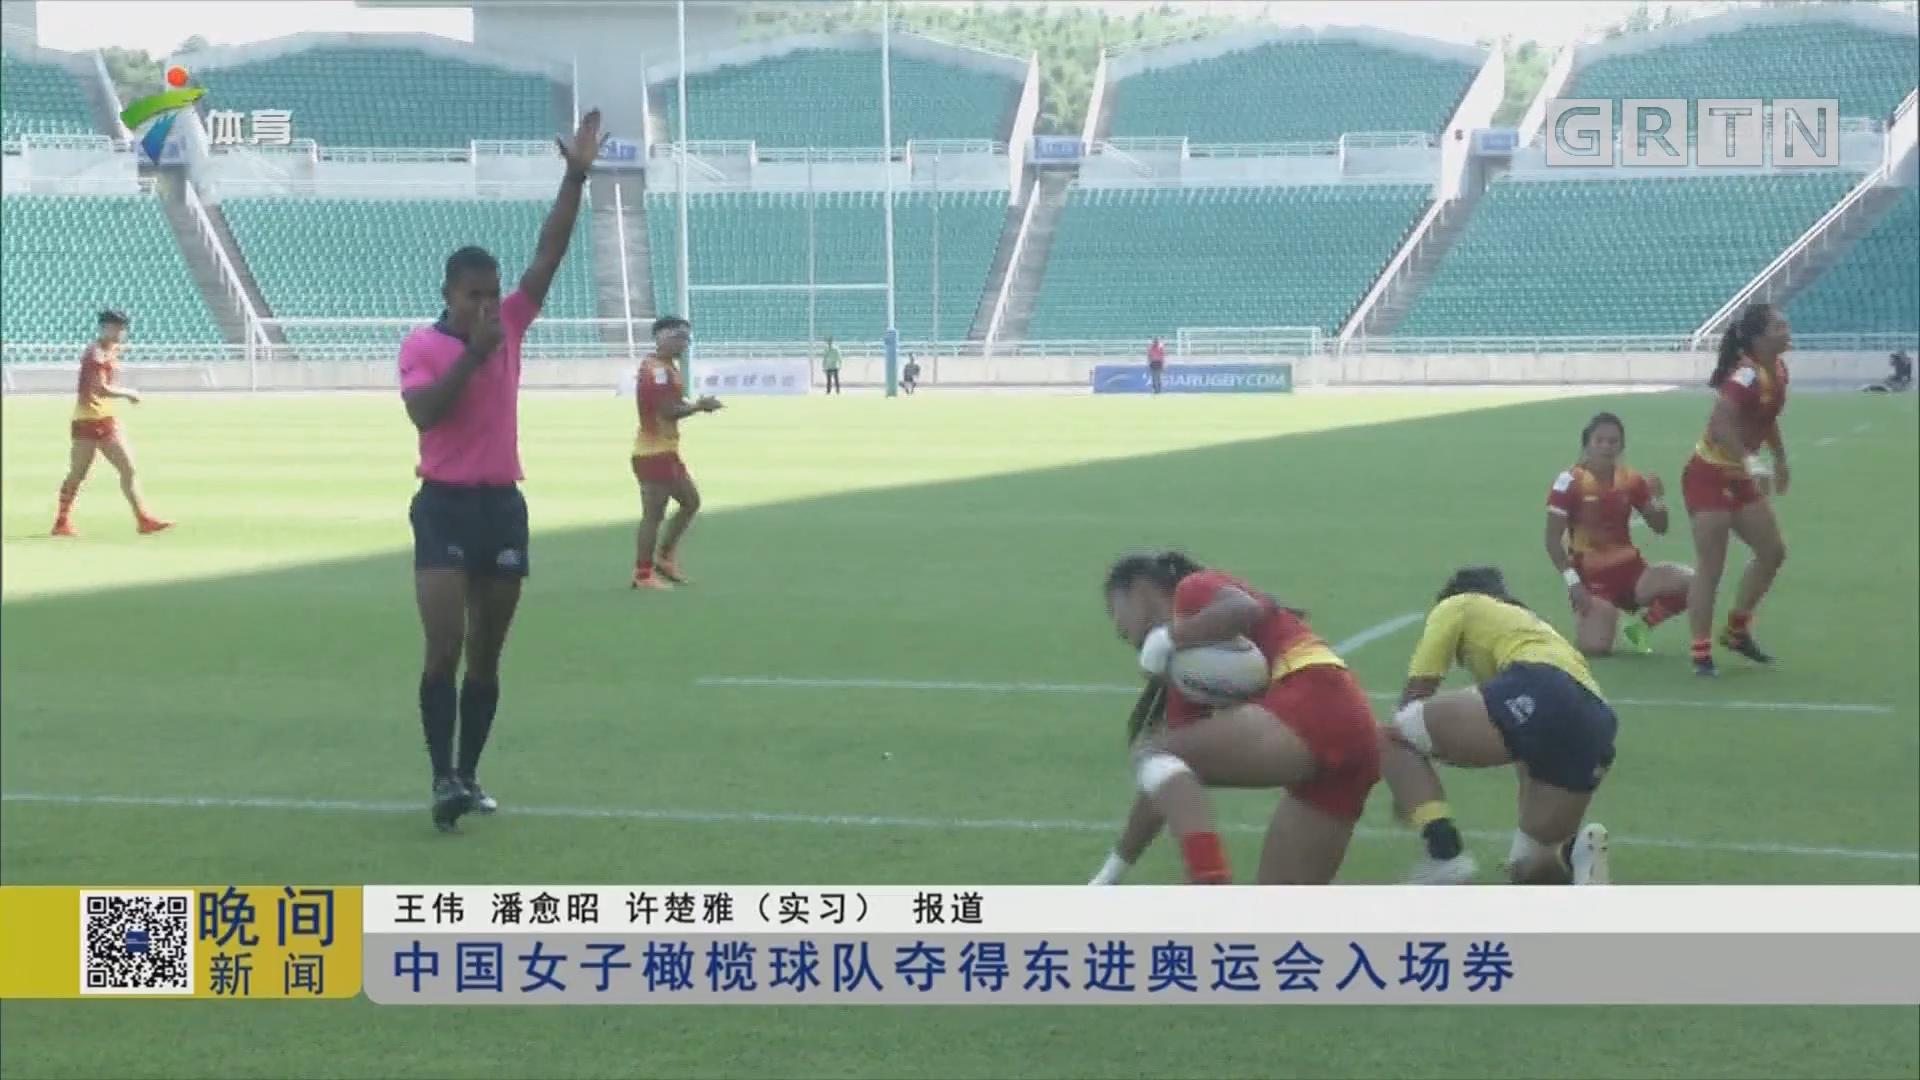 中国女子橄榄球队夺得东进奥运会入场券